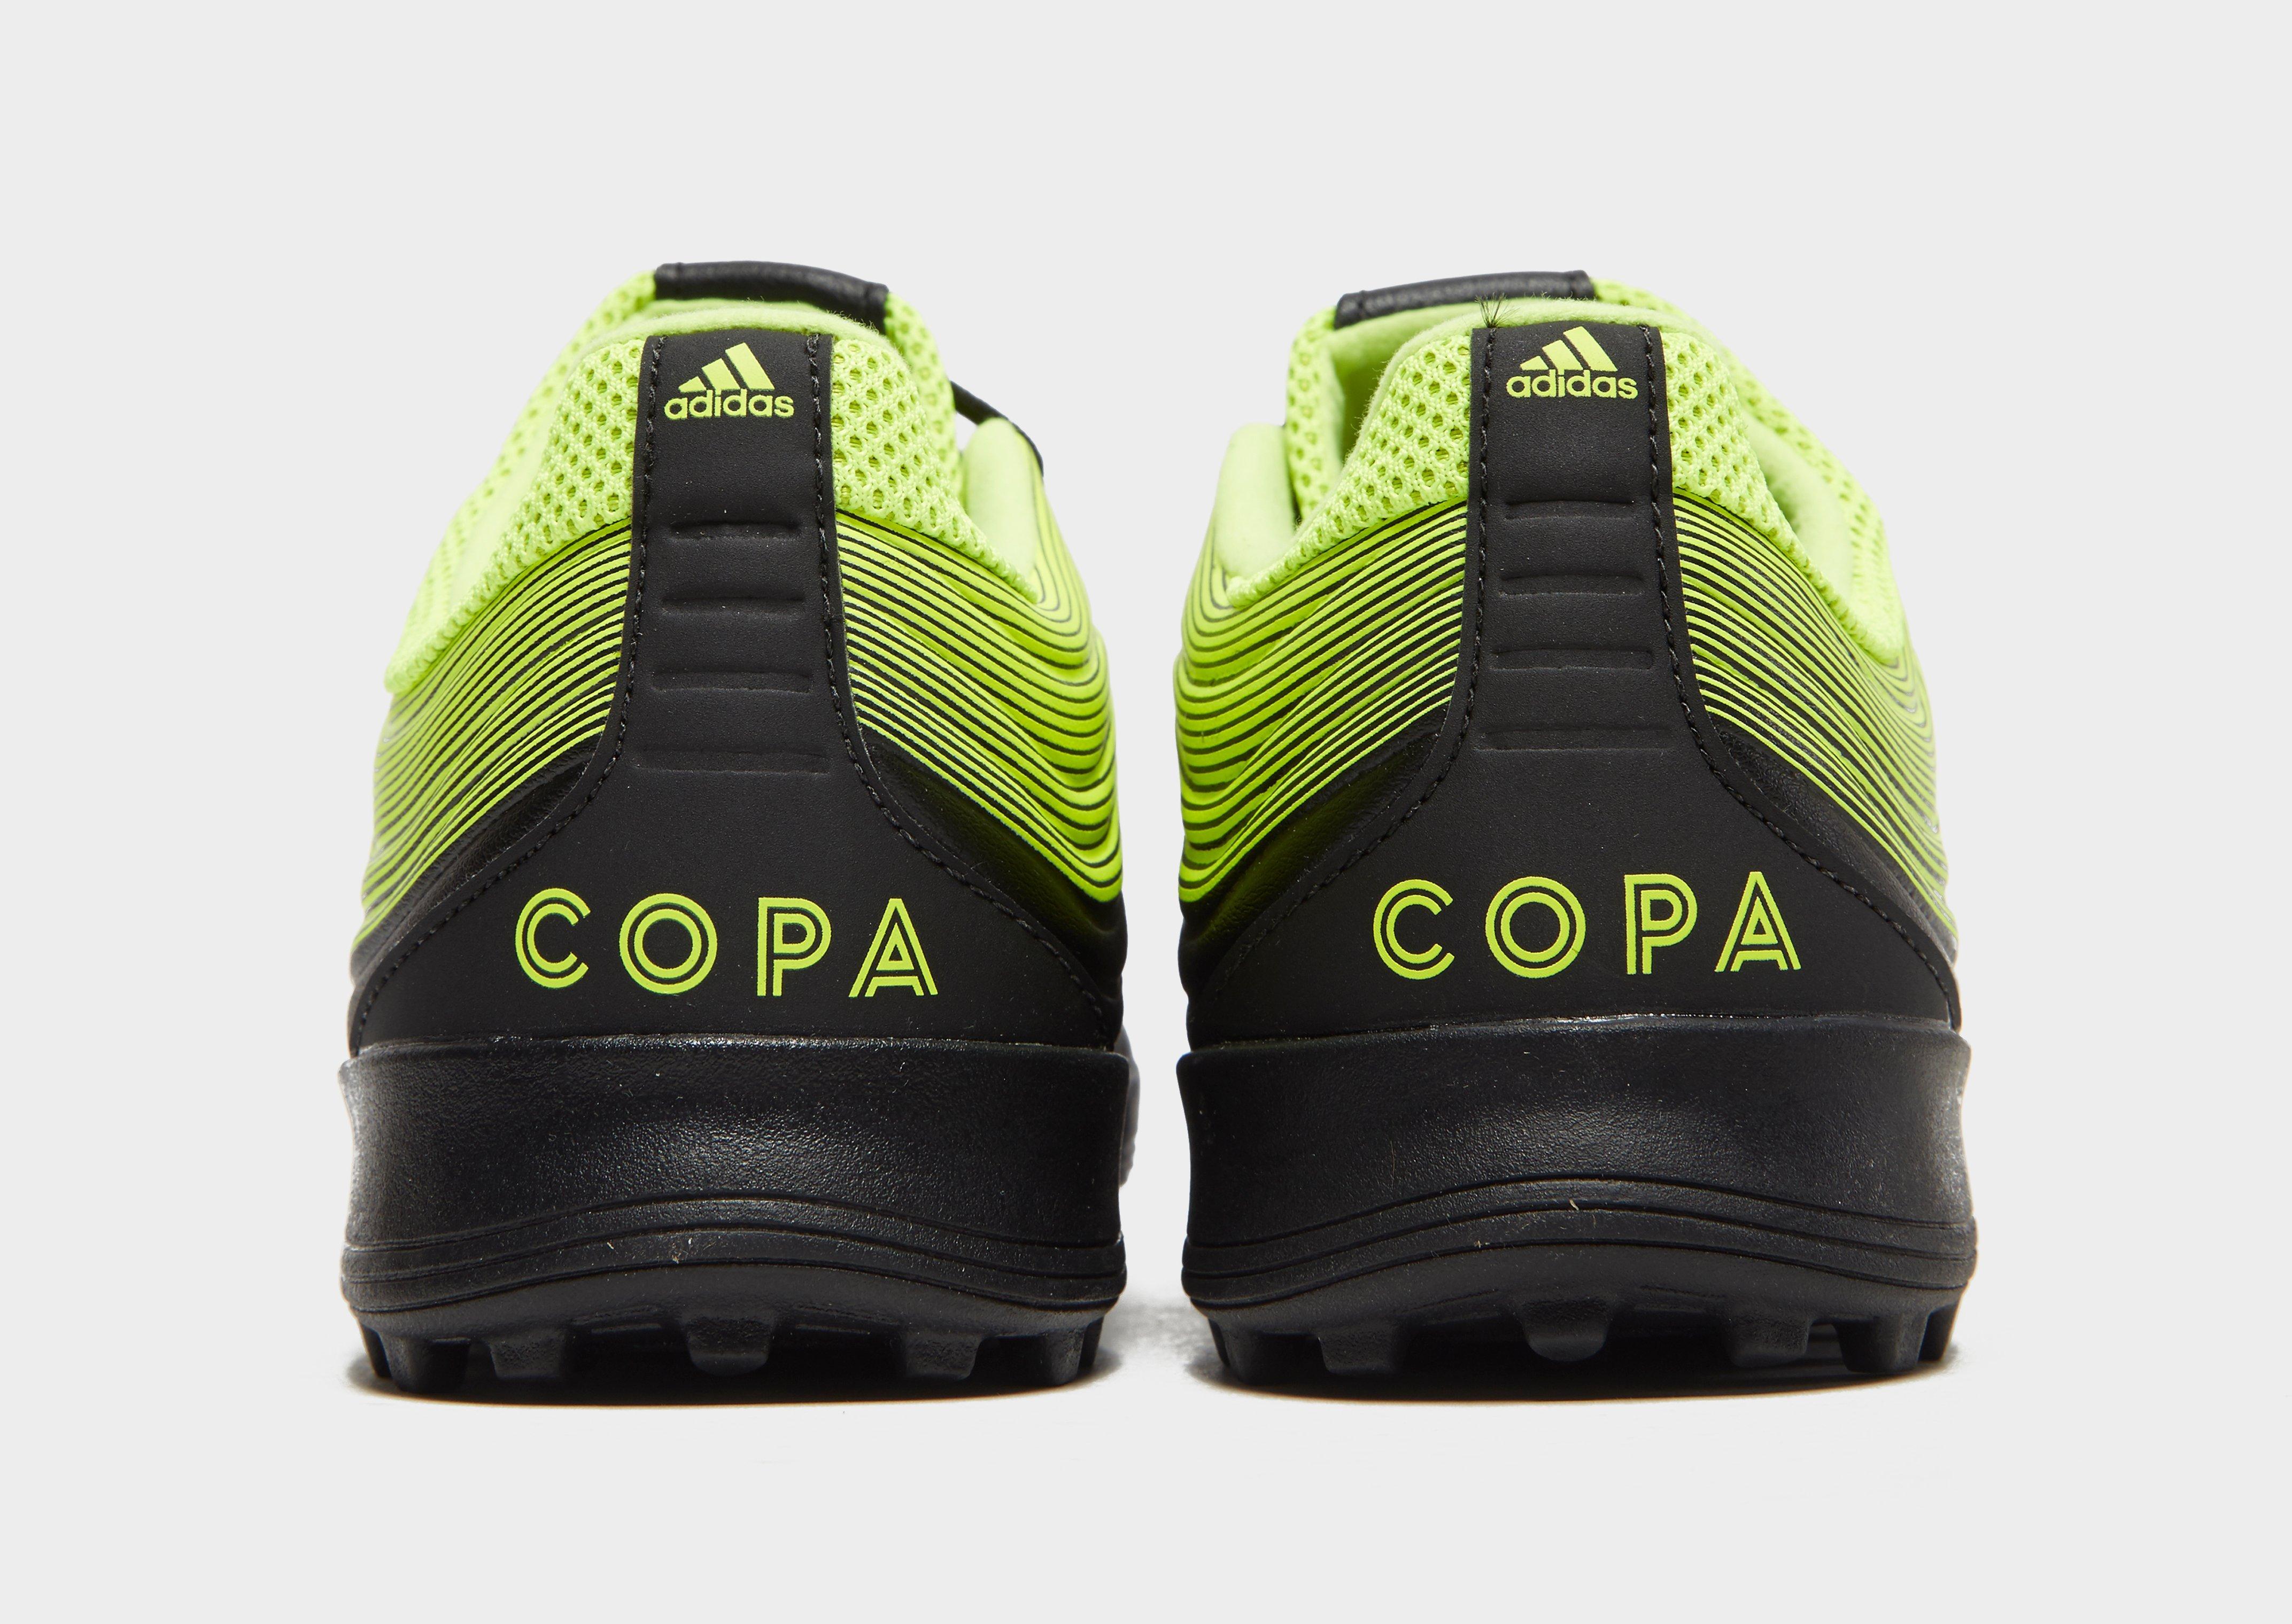 adidas Exhibit Copa 19.3 TF